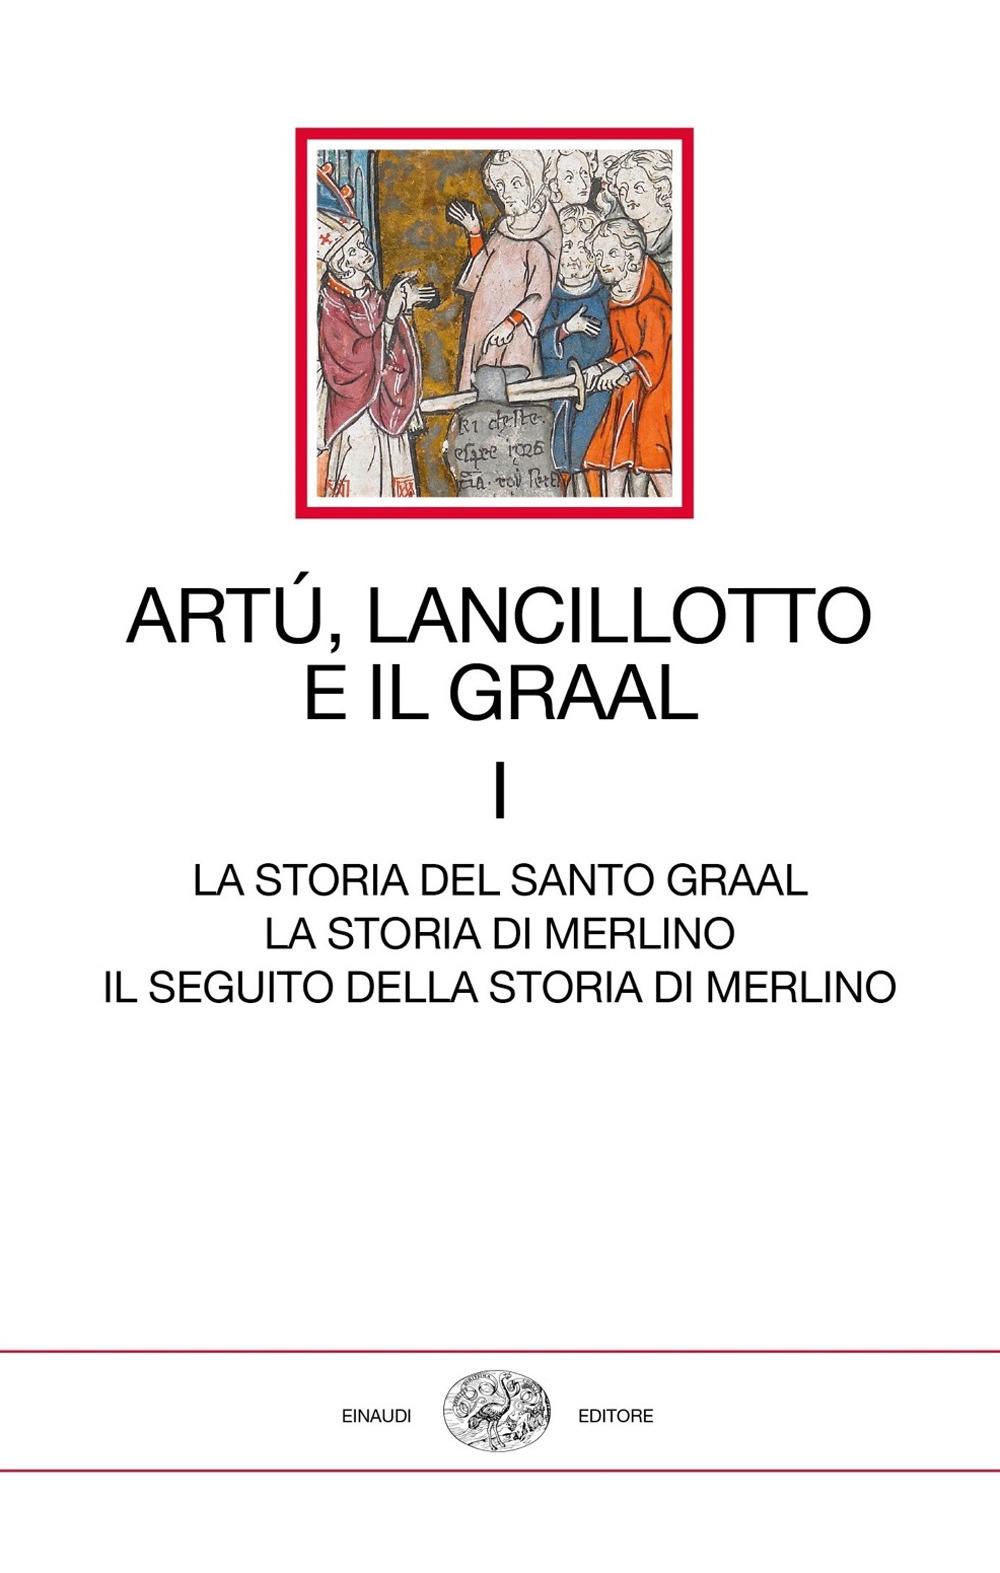 Image of Artù, Lancillotto e il Graal. Vol. 1: storia del Santo Graal. La storia di Merlino. Il seguito della storia di Merlino, La.